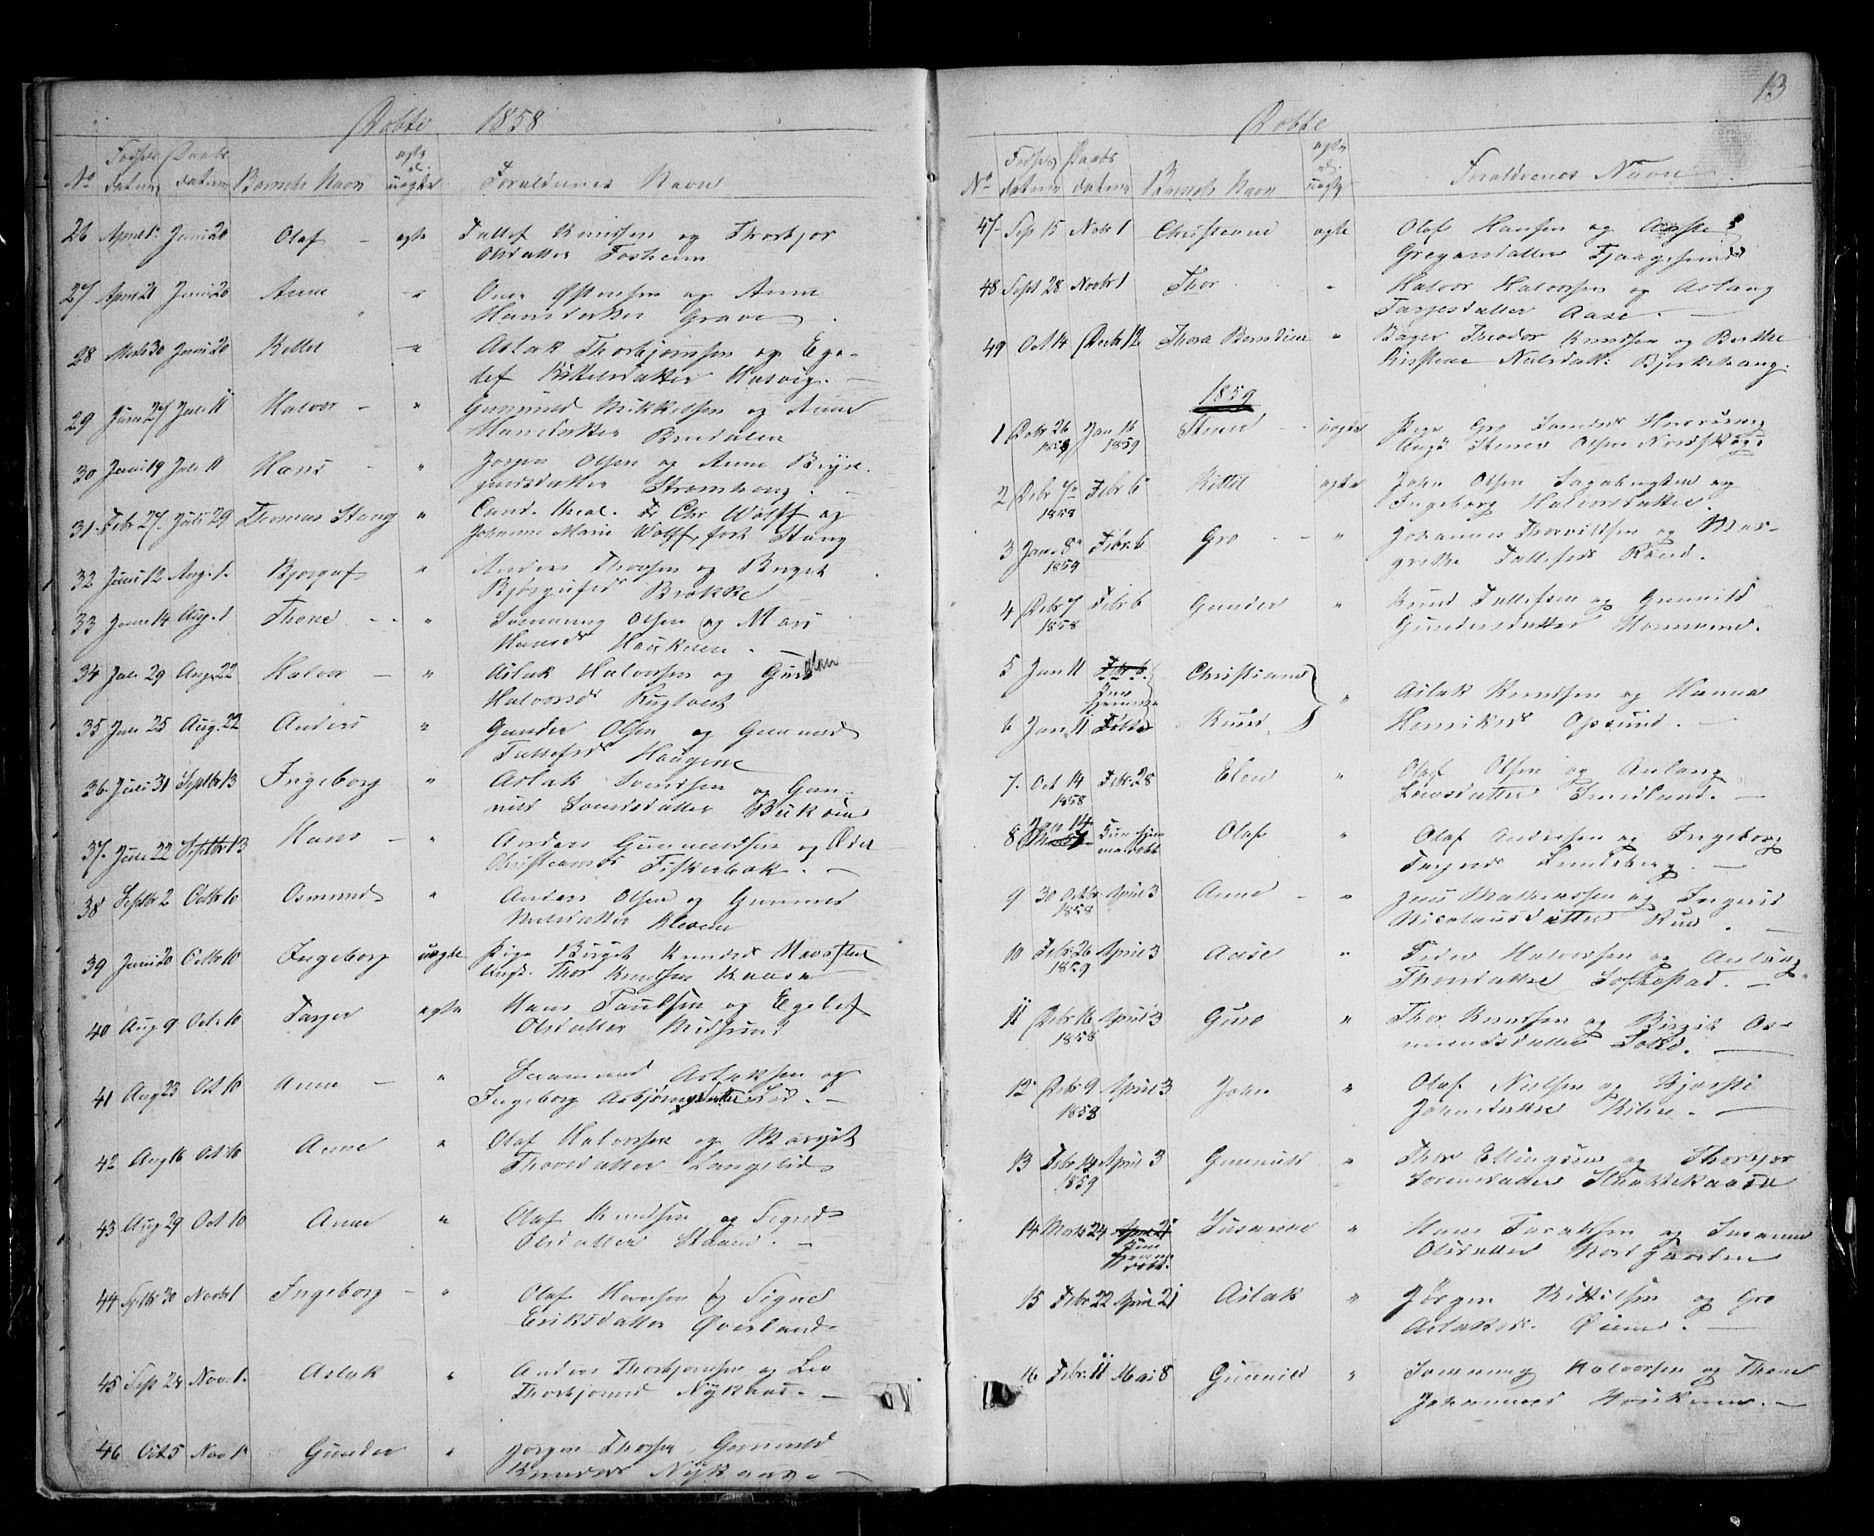 SAKO, Kviteseid kirkebøker, G/Ga/L0001: Klokkerbok nr. I 1, 1850-1893, s. 13